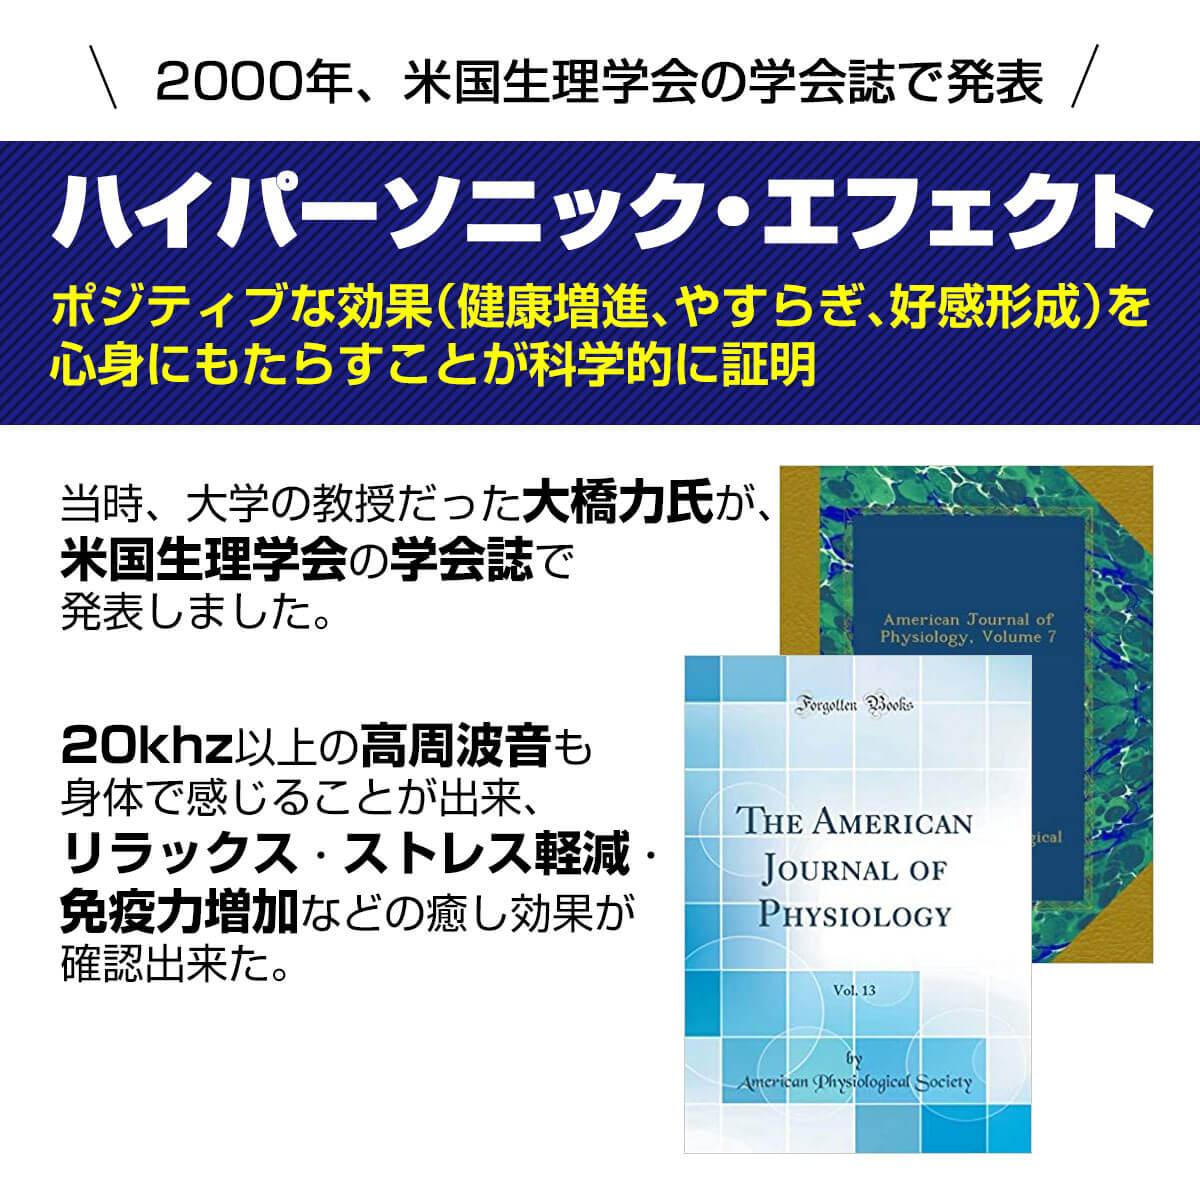 米国生理学会の学会誌でも効果を証明